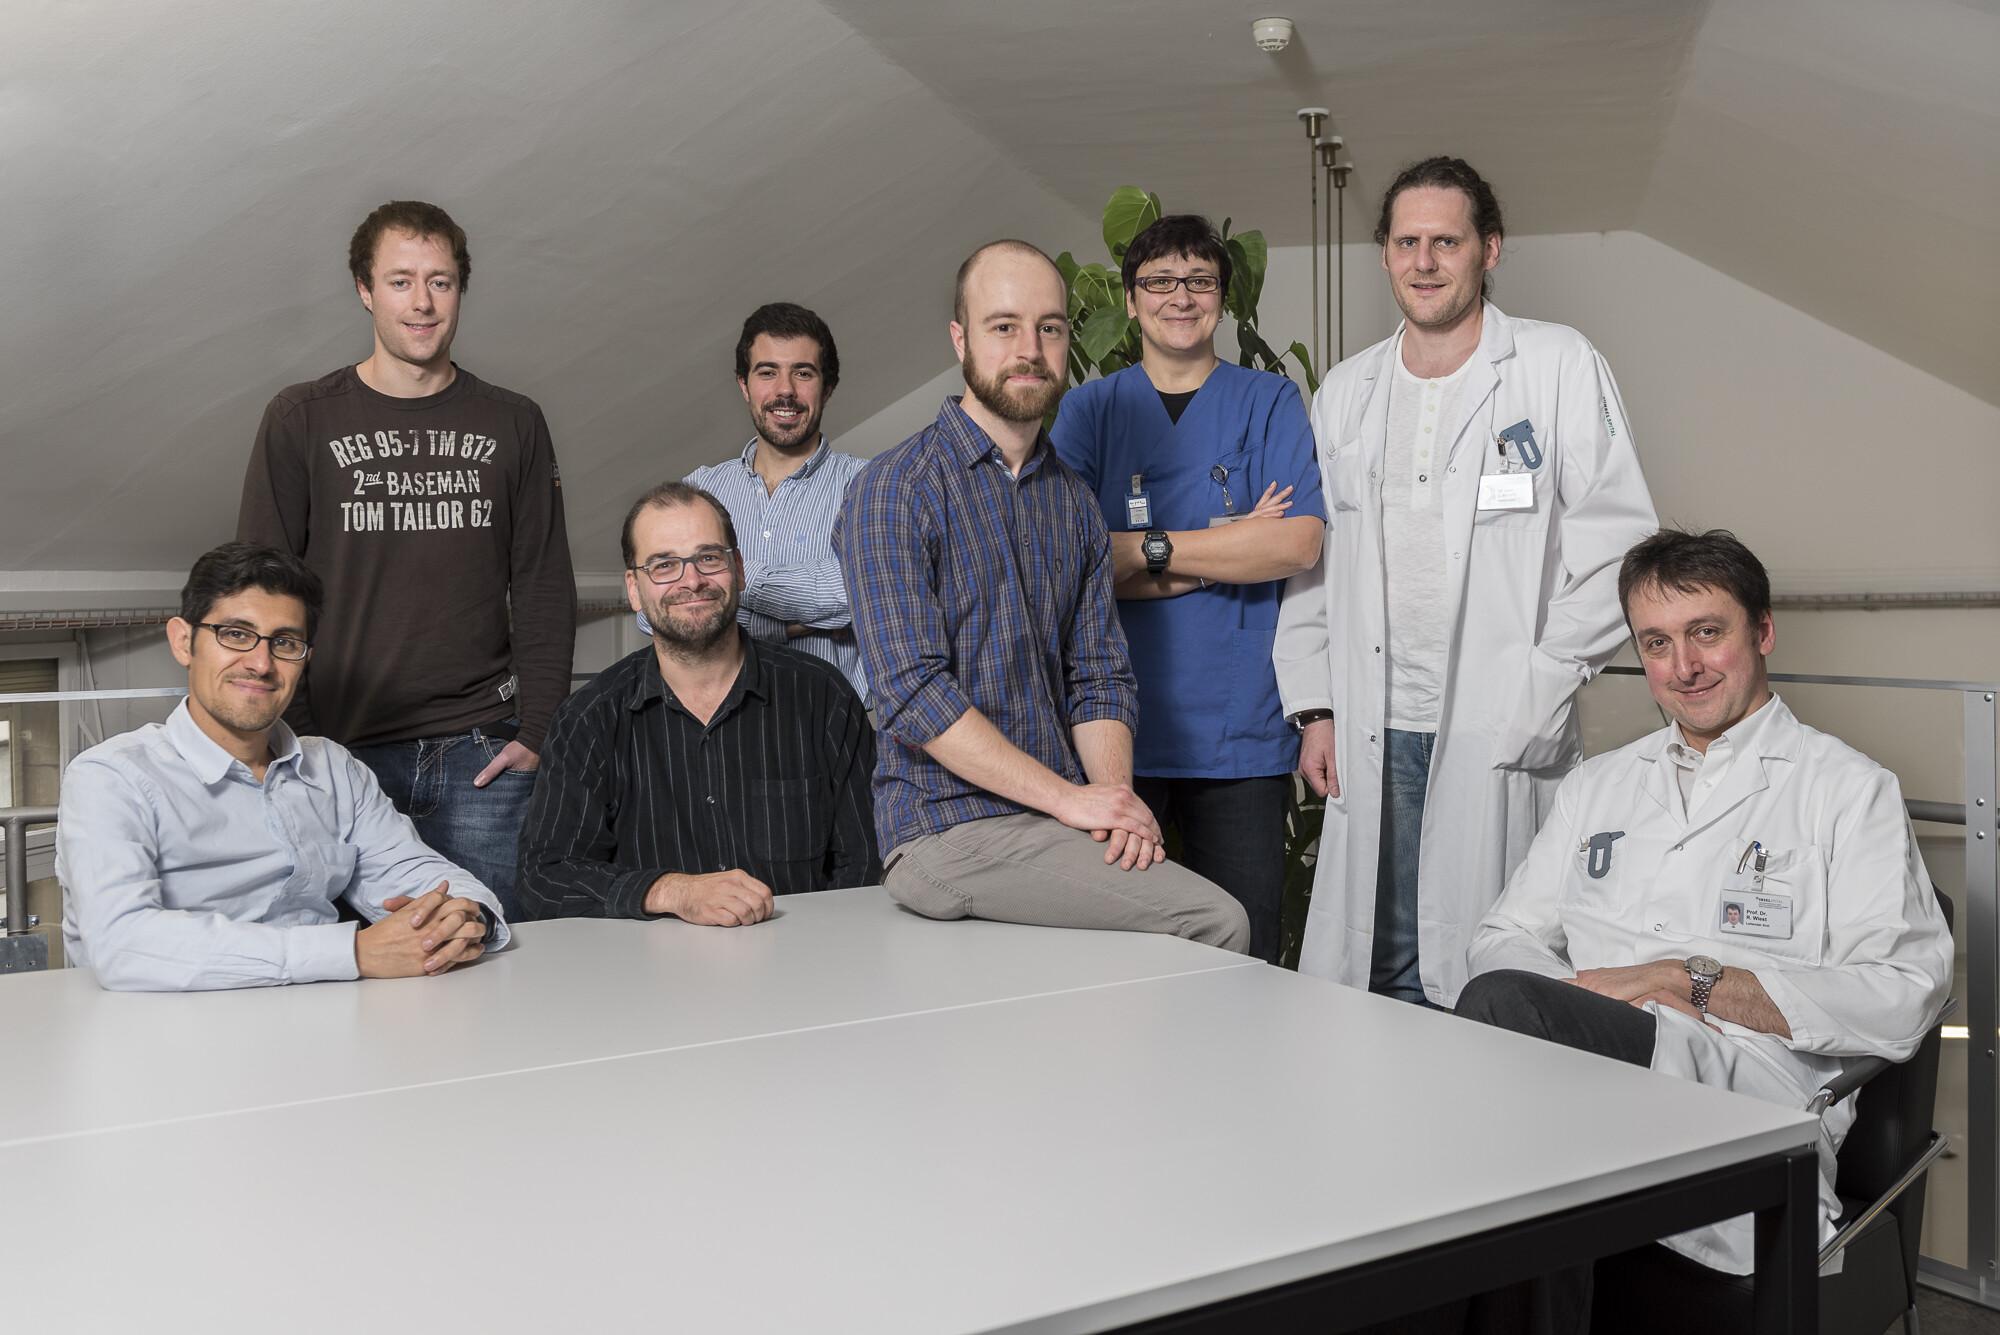 Das erfolgreiche Team: Forscher der Universitätsinstitut für Neuroradiologie und der Universität Bern, die BraTumIA – eine Version der Berner Software – entwickelt und validiert haben. © Pascal Gugler